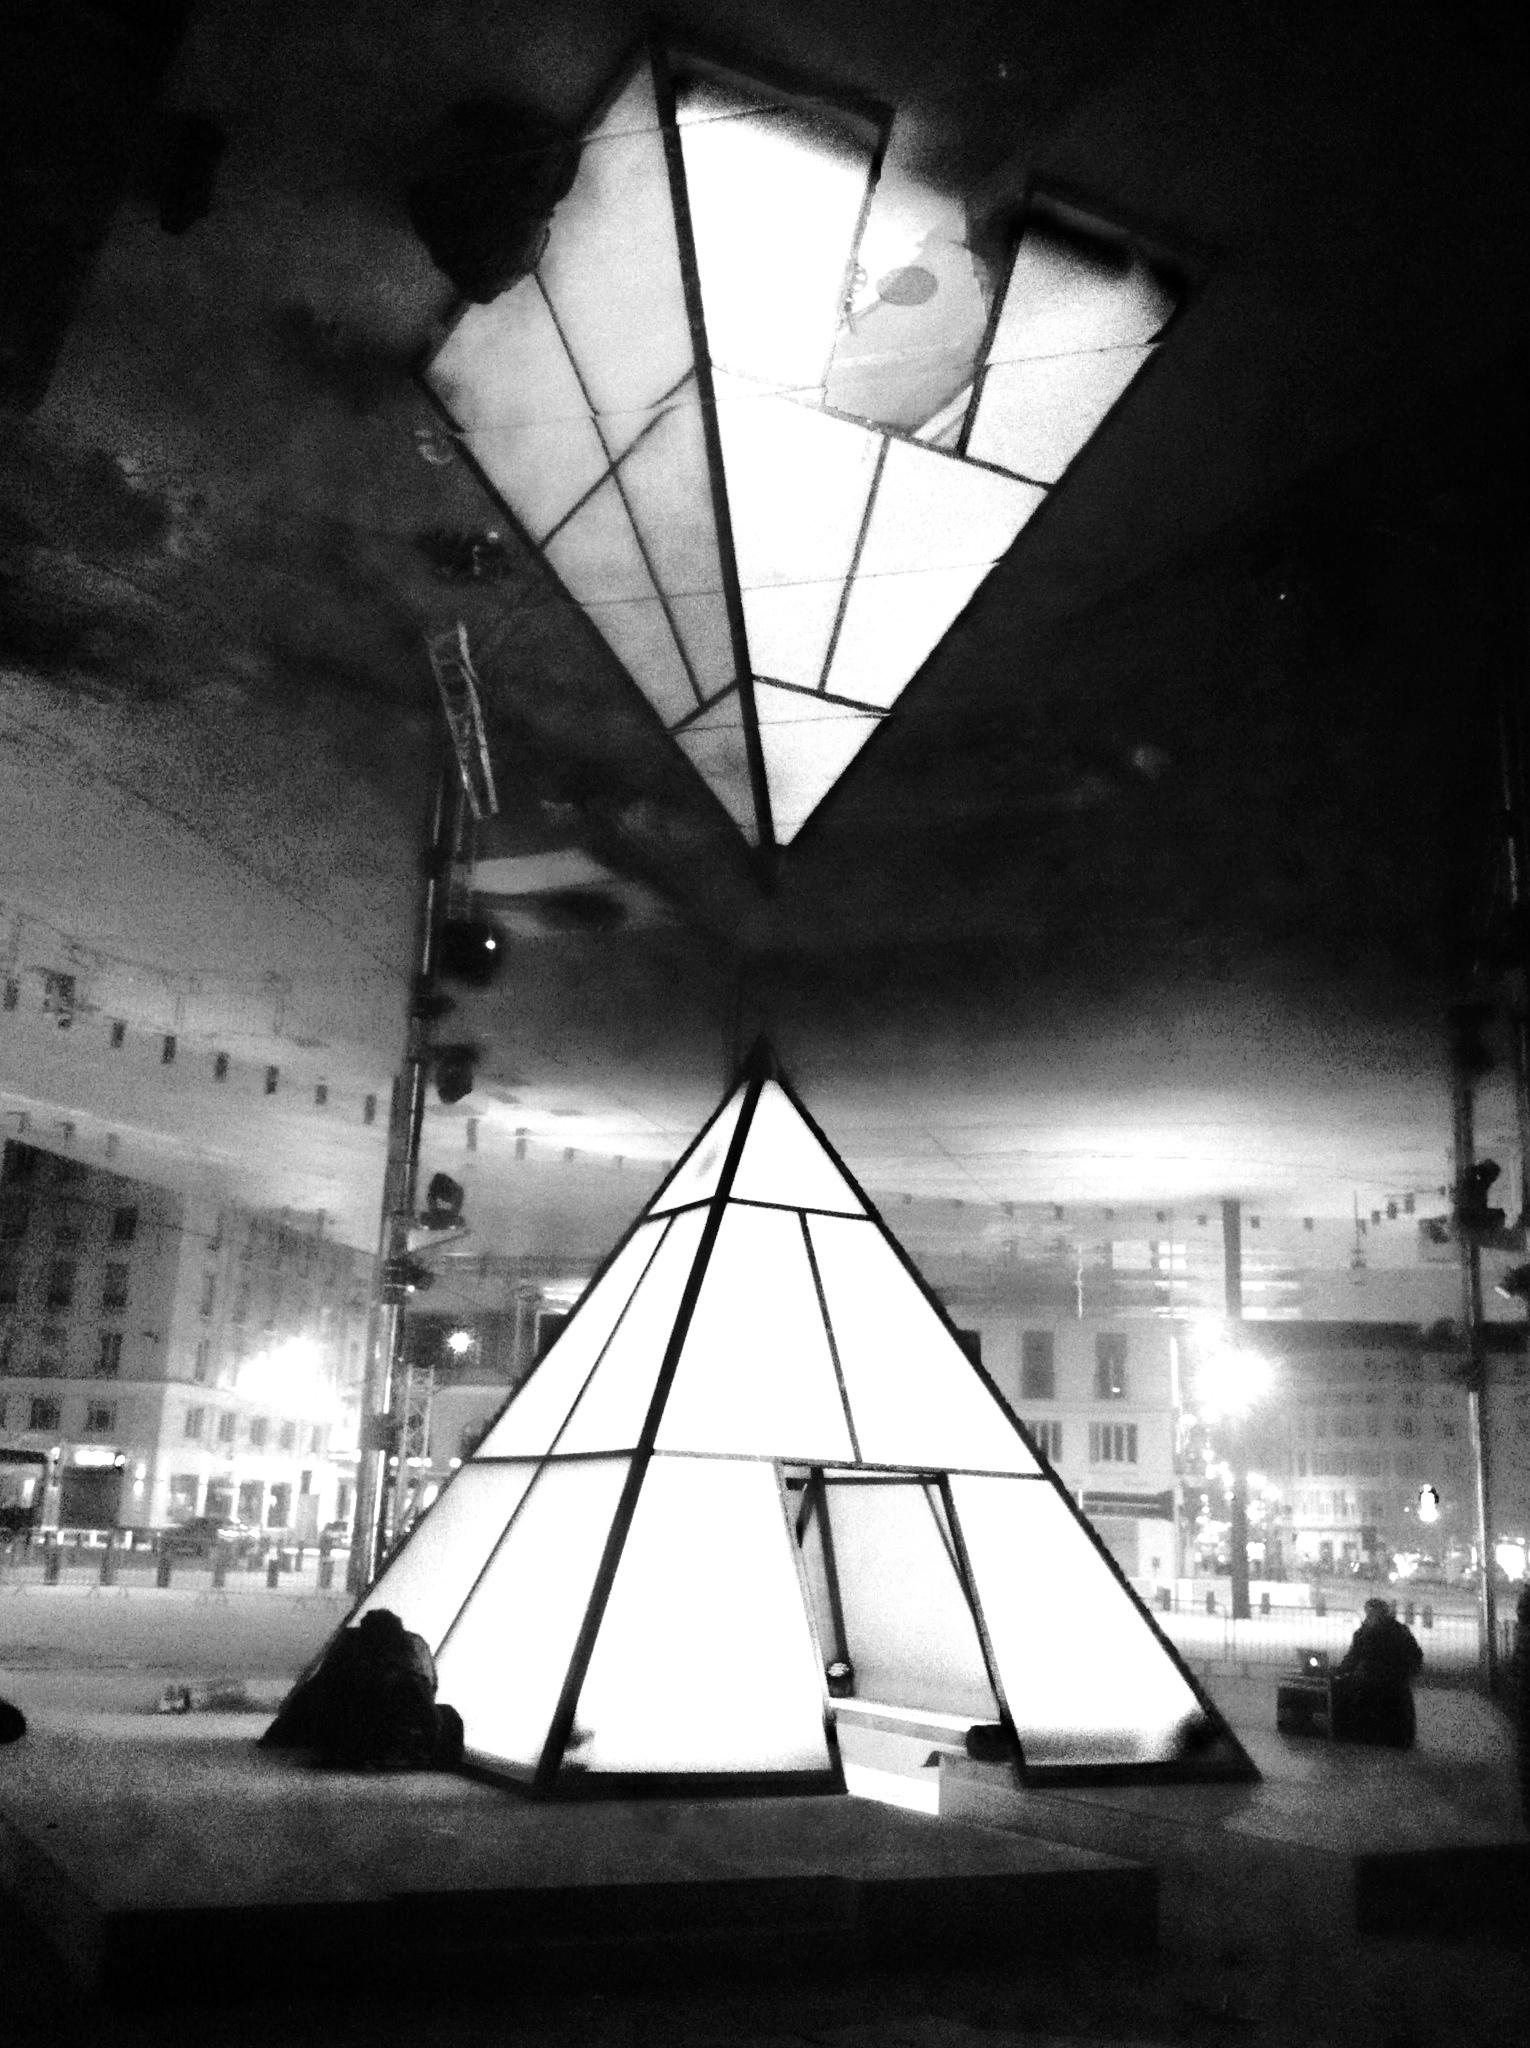 lintrieur puisque lune des face de la pyramide offrait au public la possibilit de jouer avec une palette de couleur virtuelle effet garanti